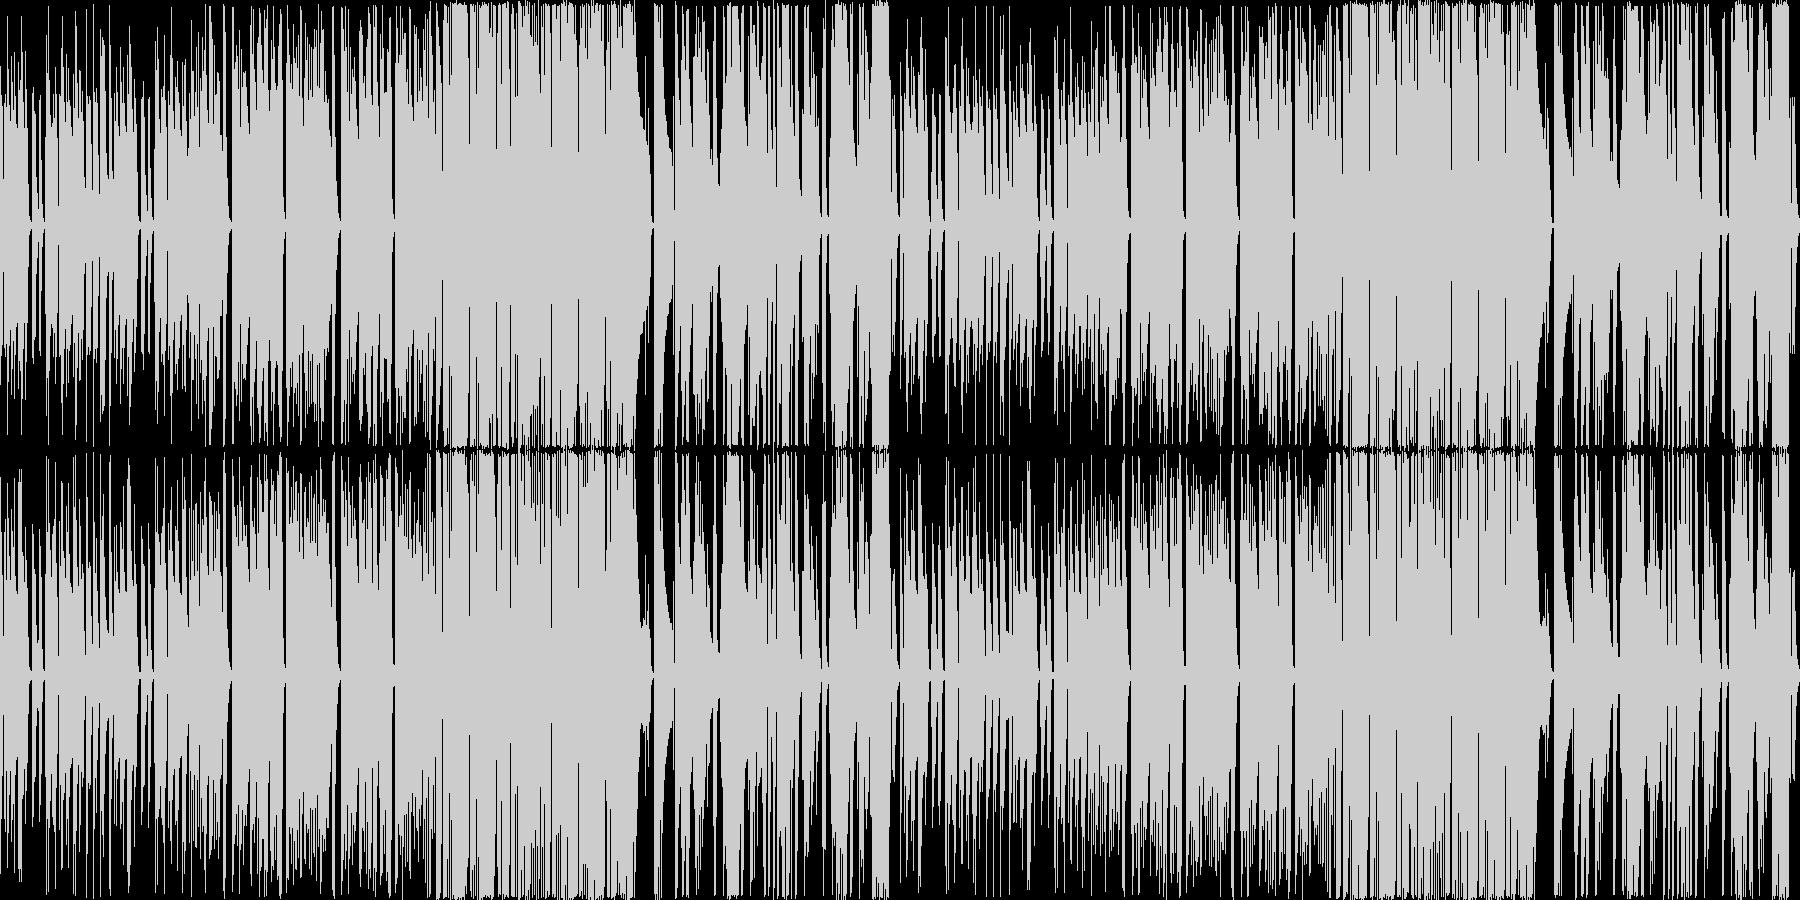 人気の無いバーでひっそり演奏されるよう…の未再生の波形